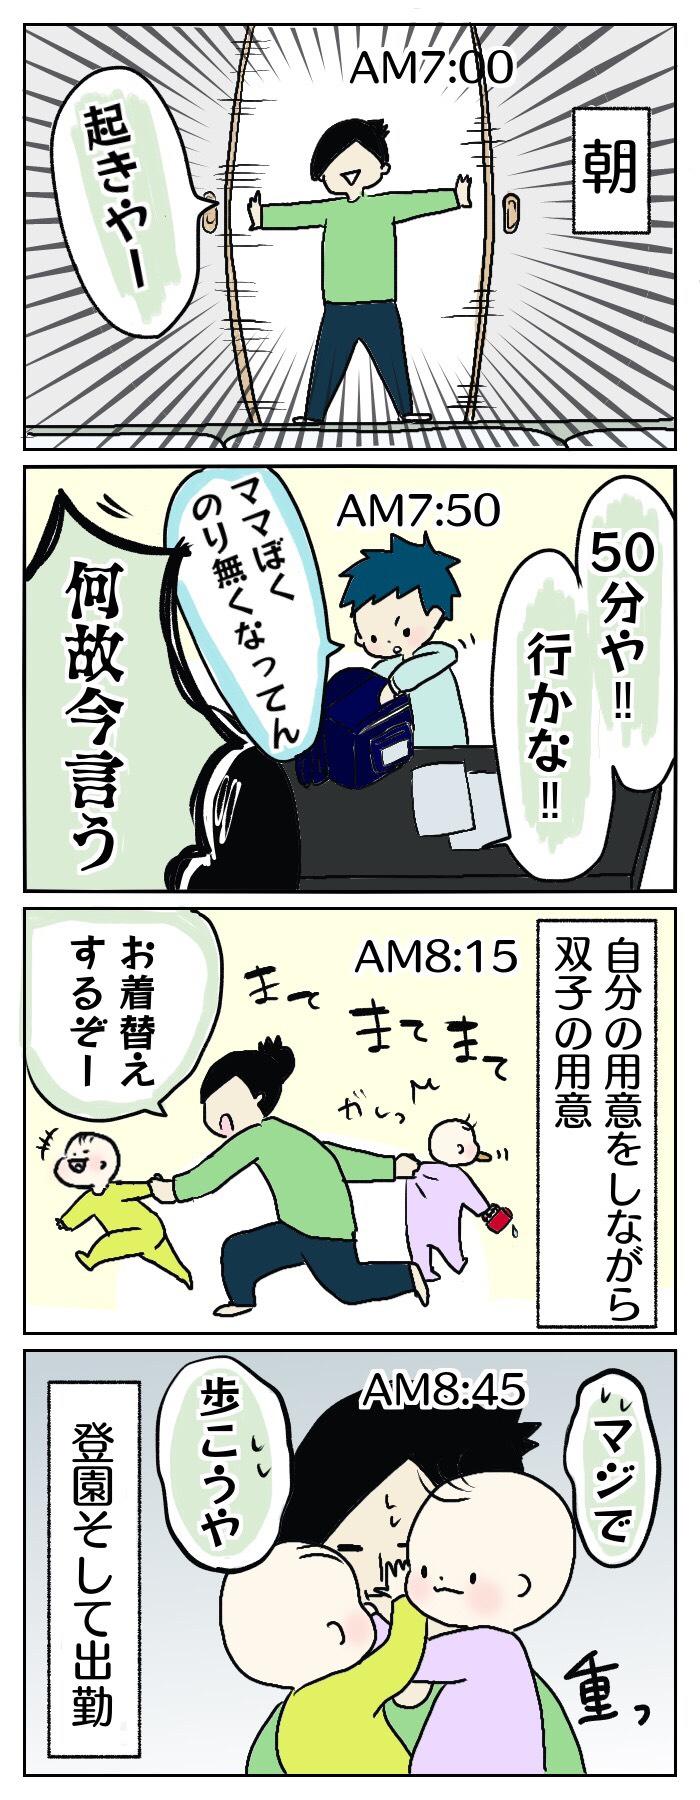 nohara1_4